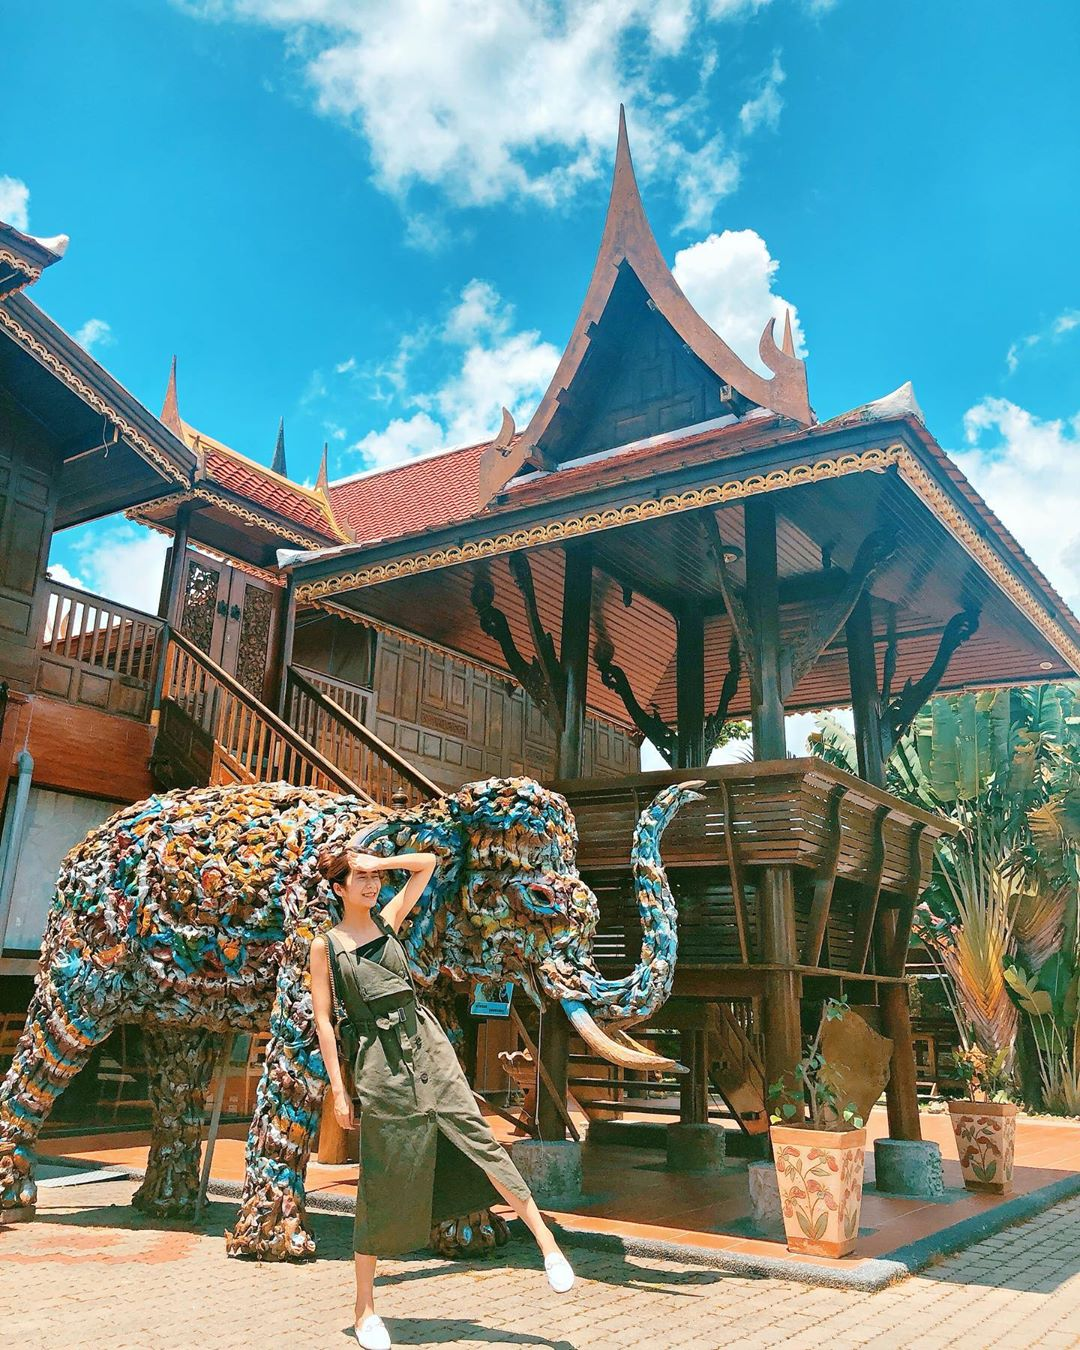 從木材建築蓋起的高腳屋、花園再到餐桌上的料理都充滿泰國風情!